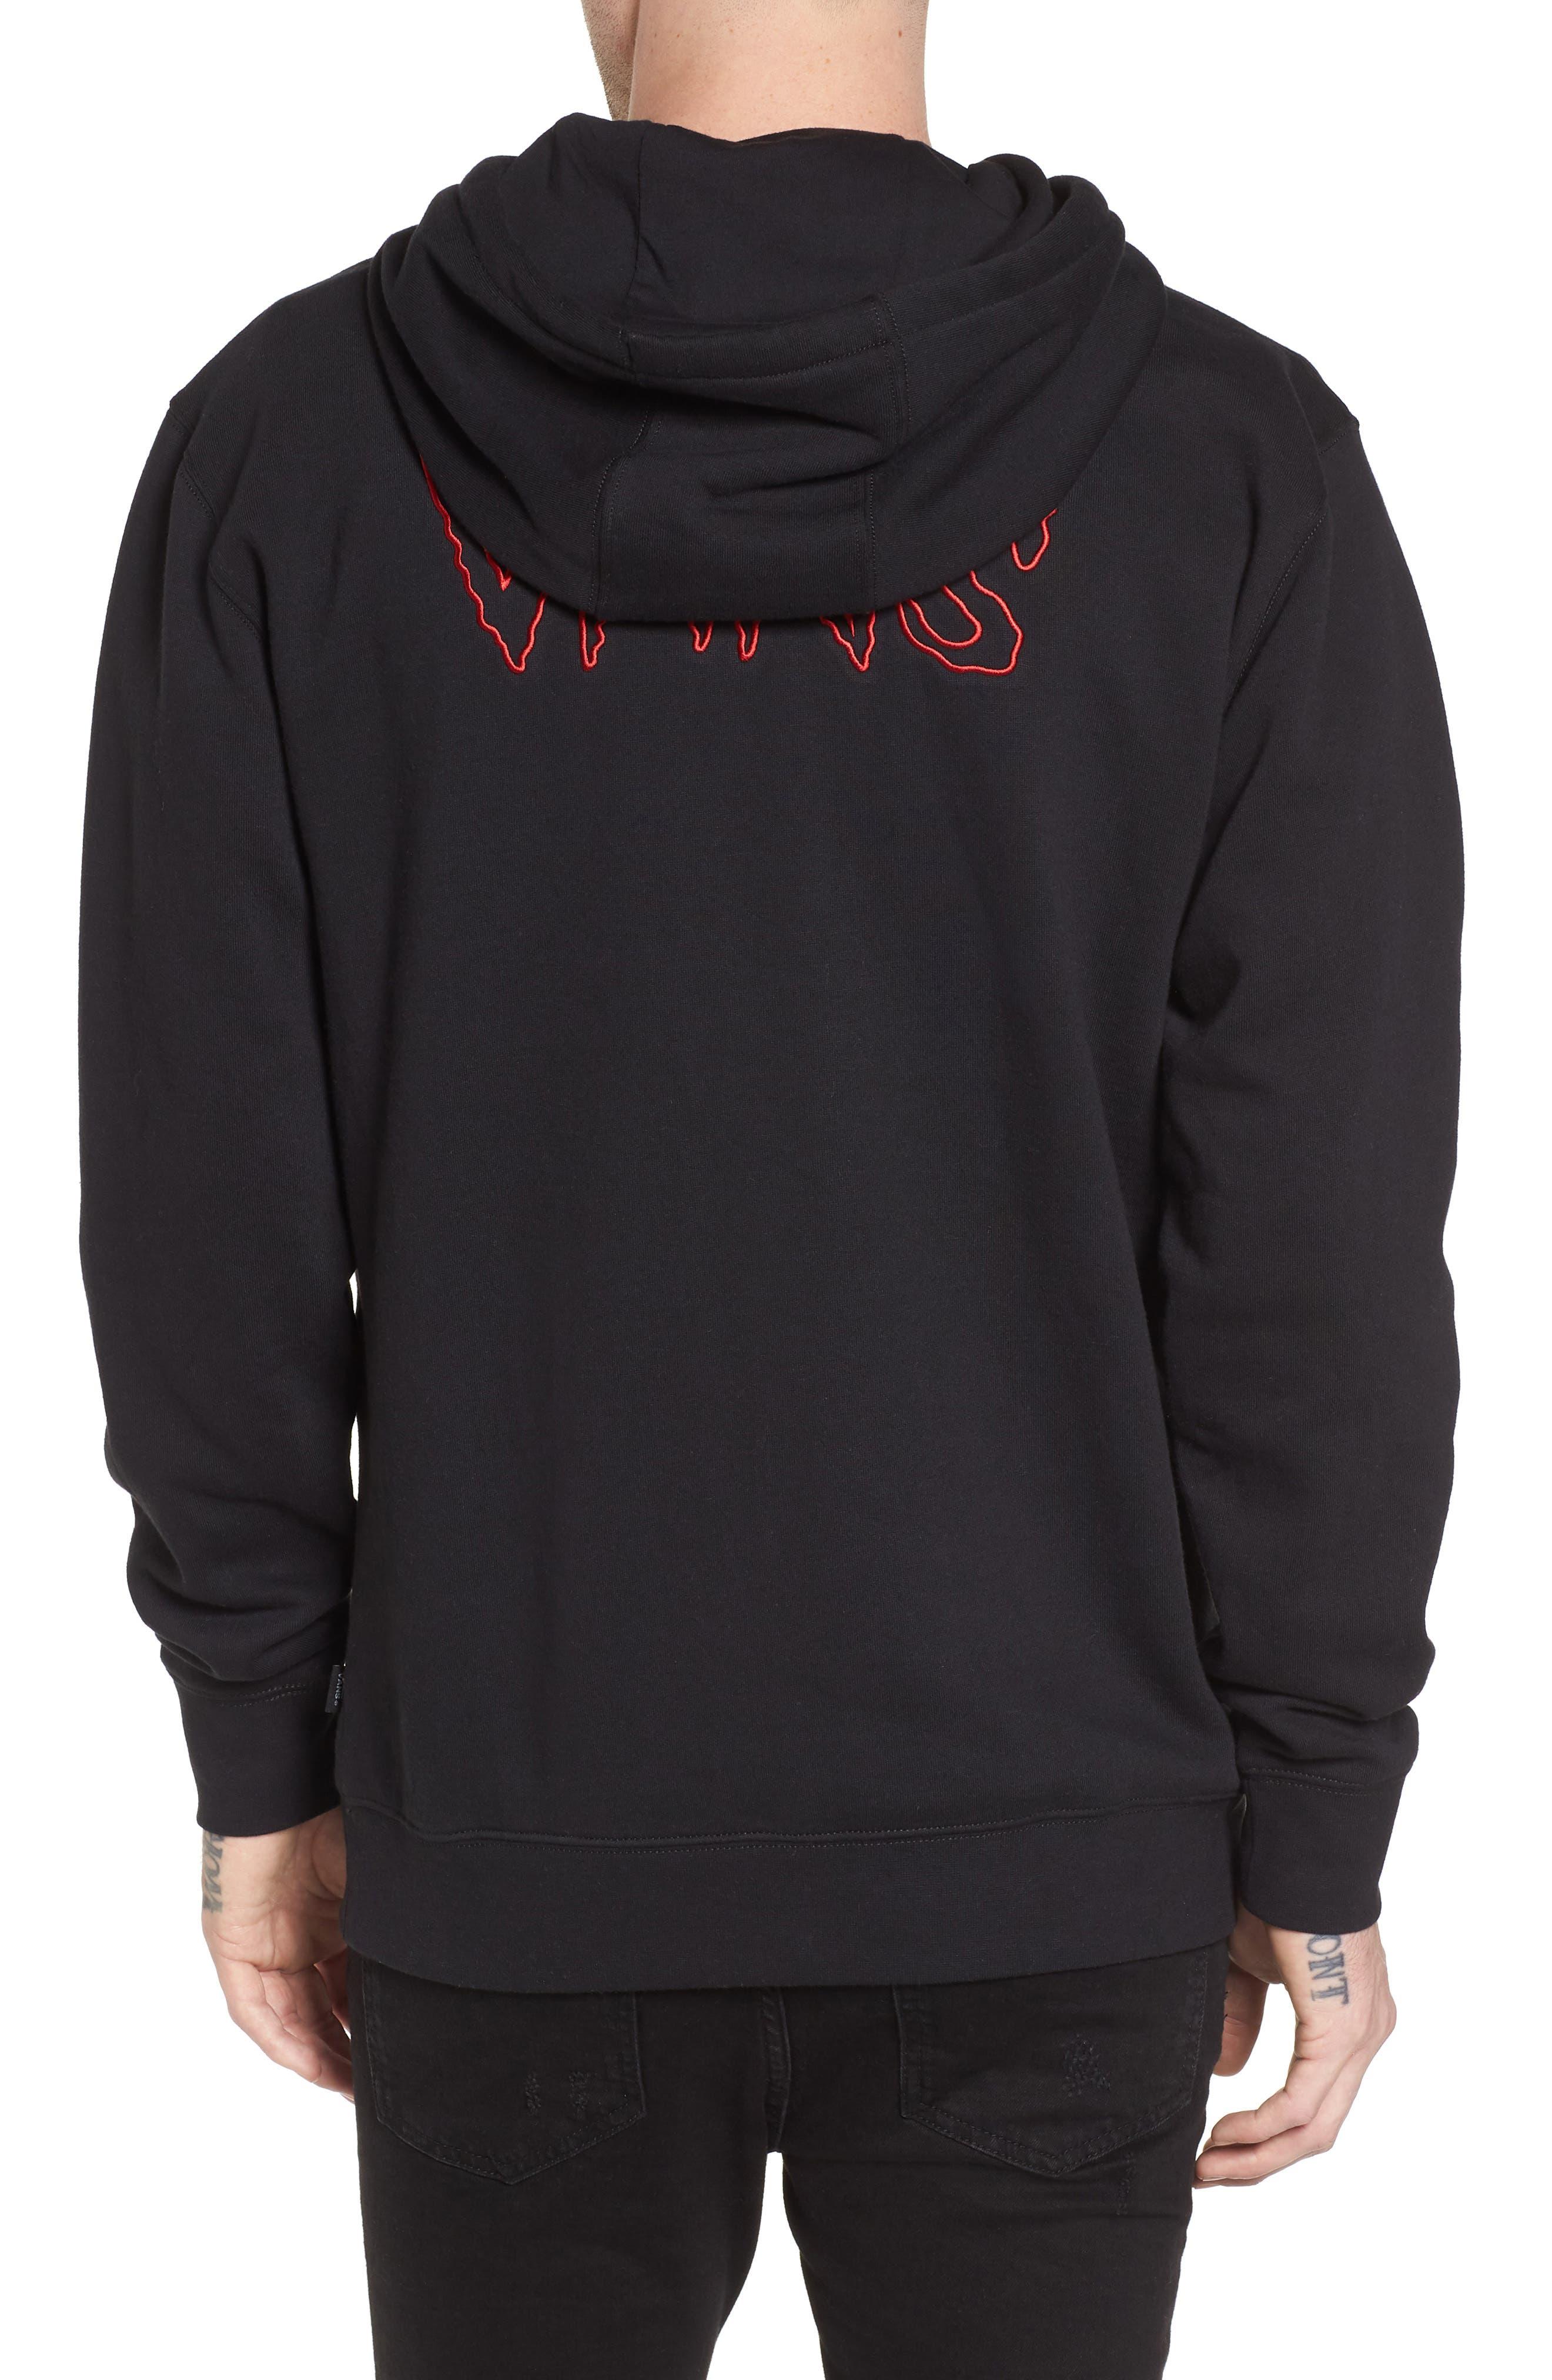 Sketch Tape Hoodie Sweatshirt,                             Alternate thumbnail 2, color,                             Black